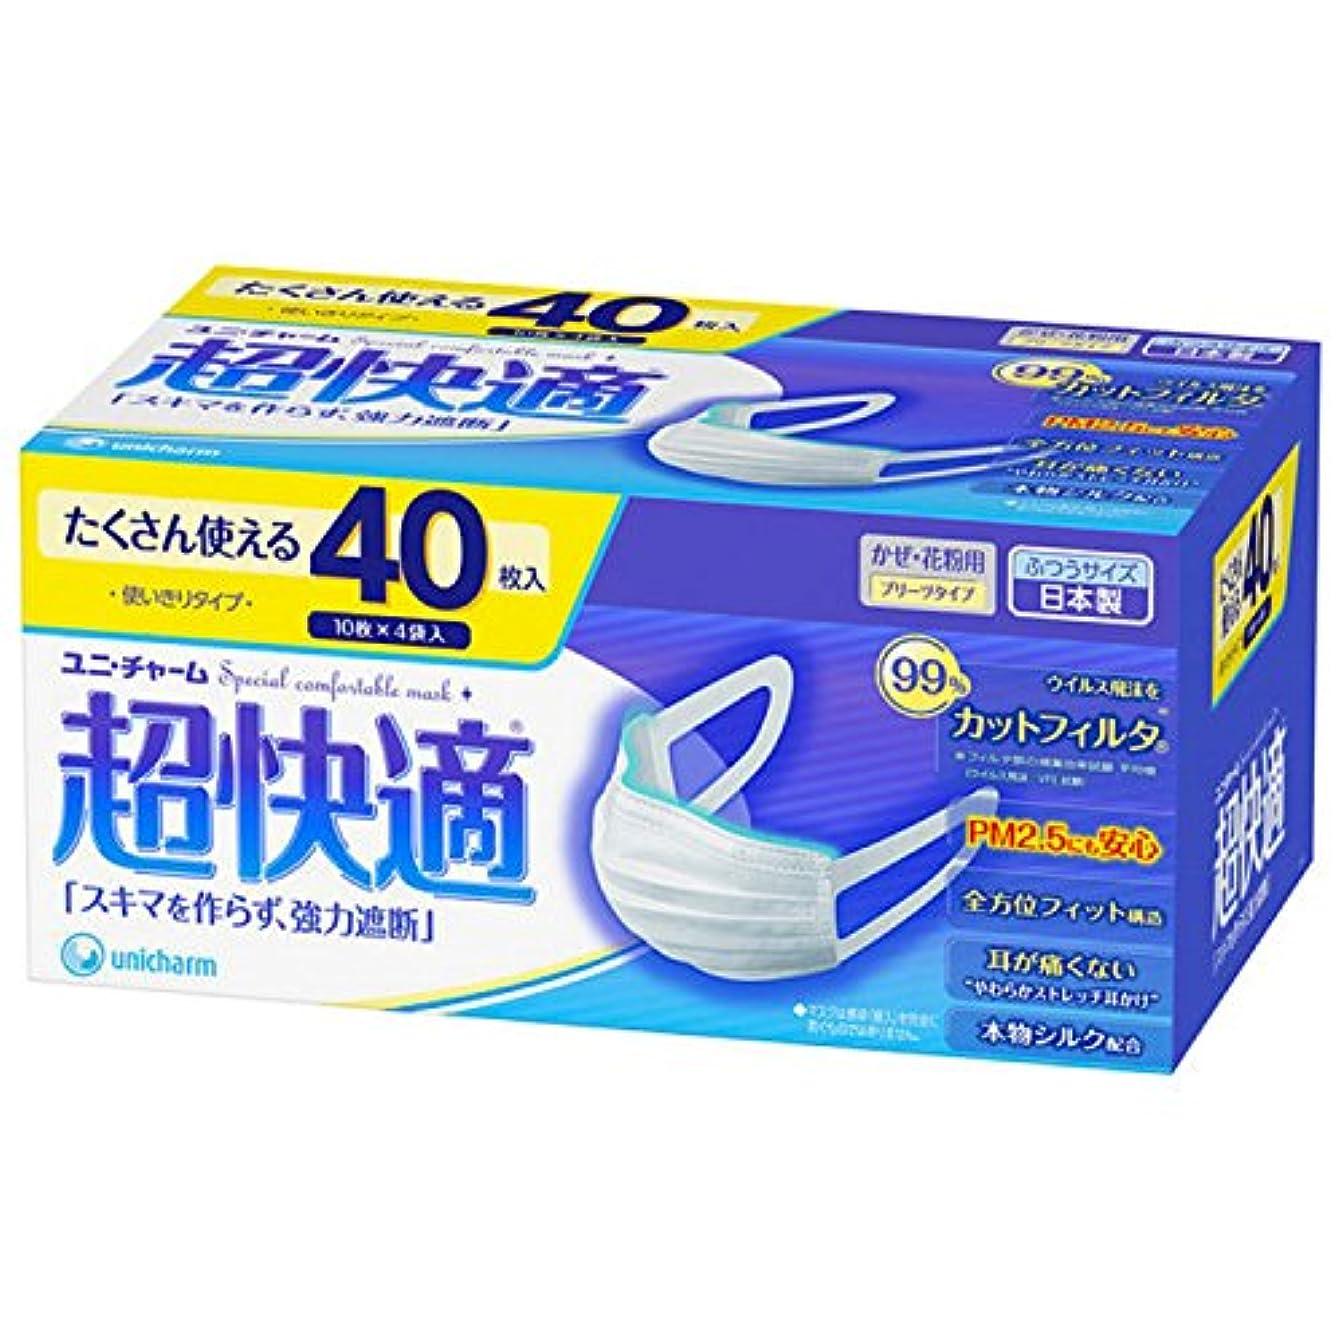 オゾン破滅的なパートナーユニ?チャーム 超快適マスクプリーツタイプふつうサイズ 3層式 1箱(40枚入) 日本製 PM2.5対応